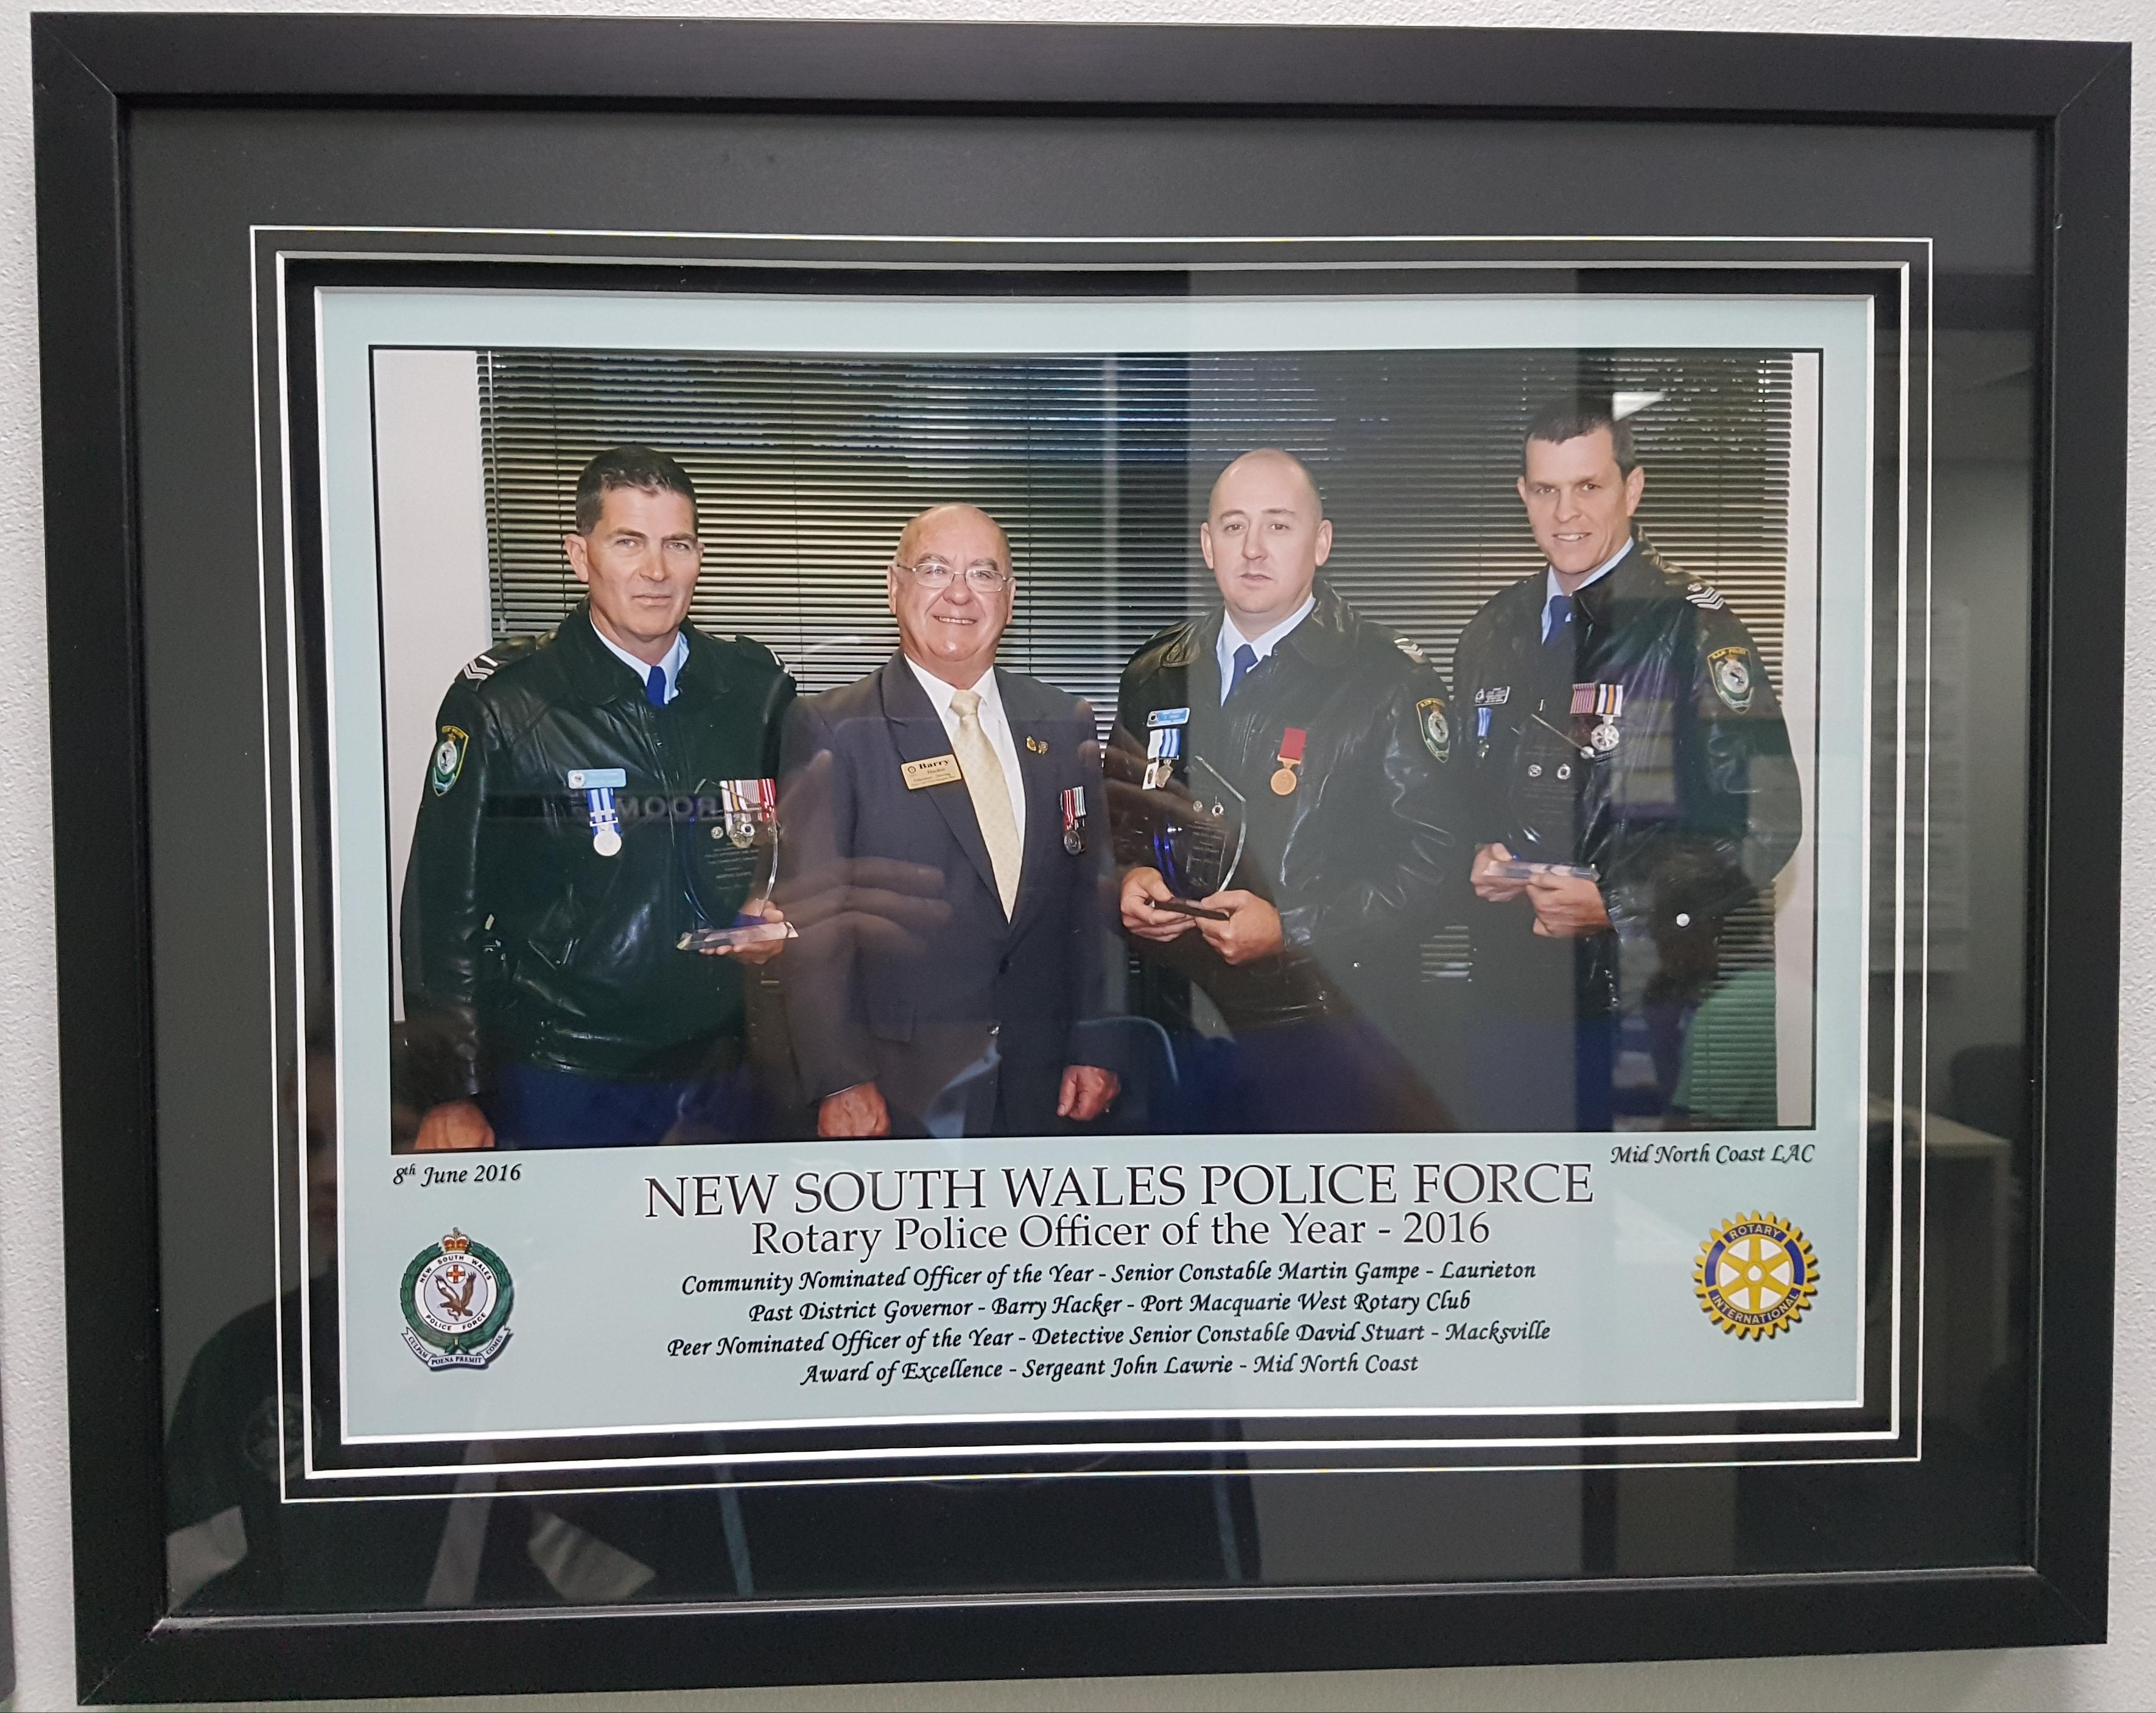 Police Frame 27-11-2017